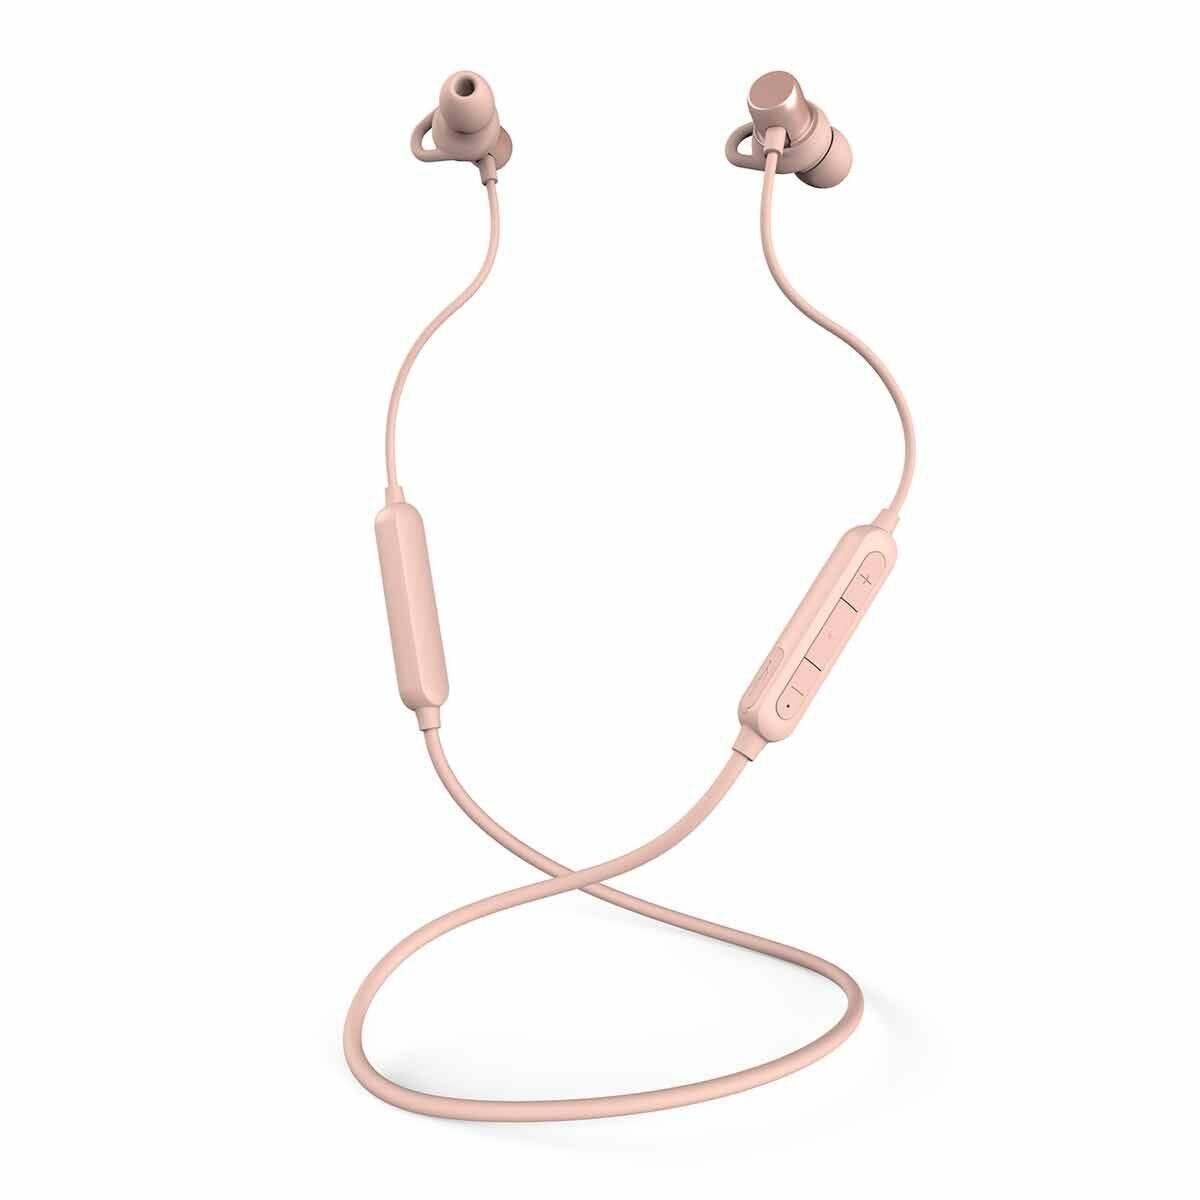 MIXX Play SX Wireless Earphones Rose Gold